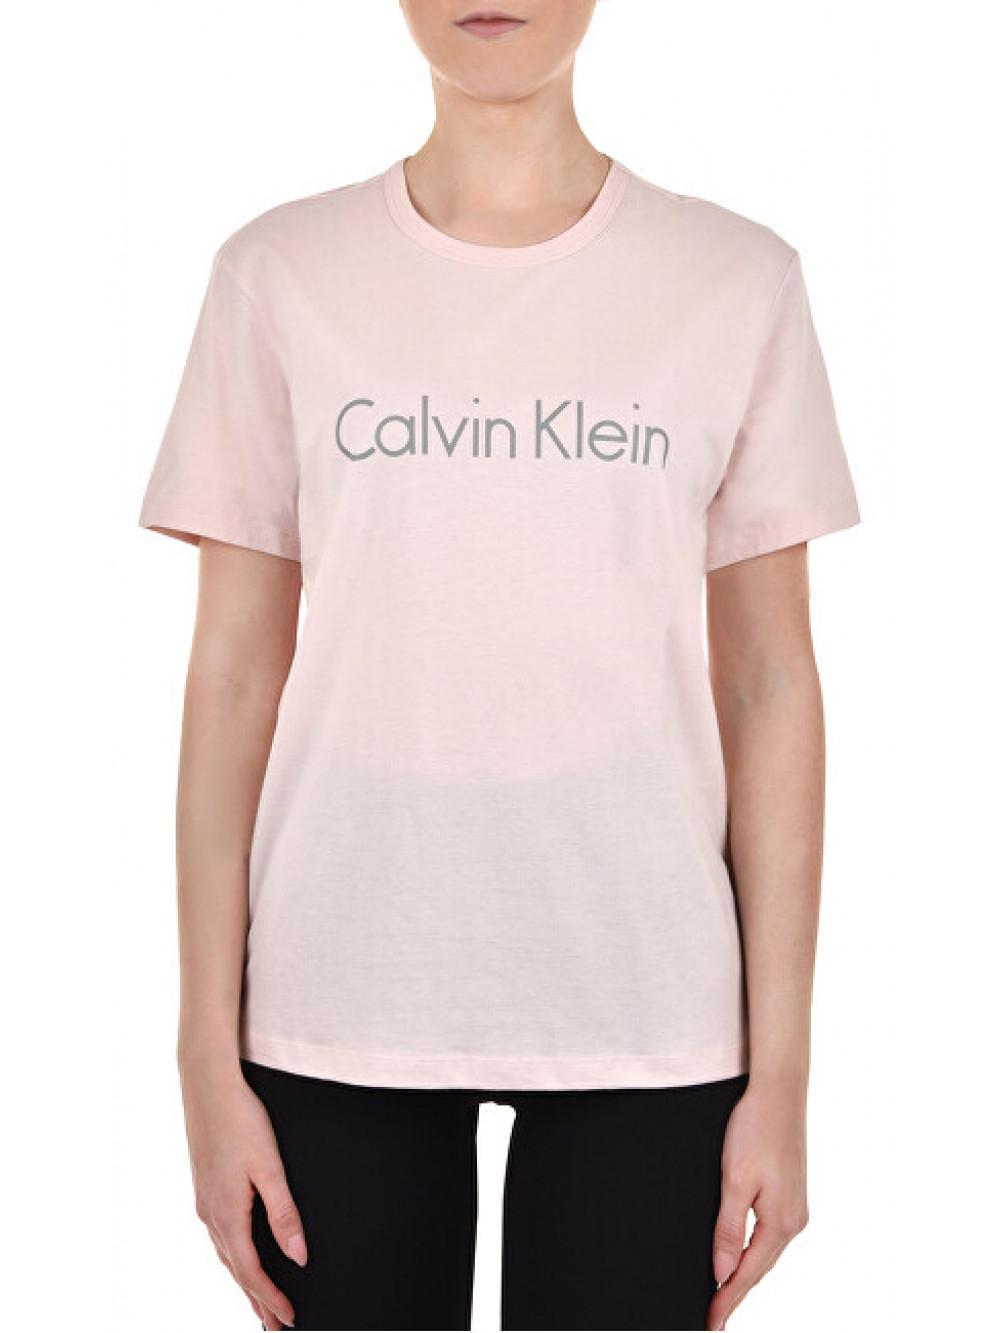 Női póló Calvin Klein S/S Crew Neck halvány rózsaszín